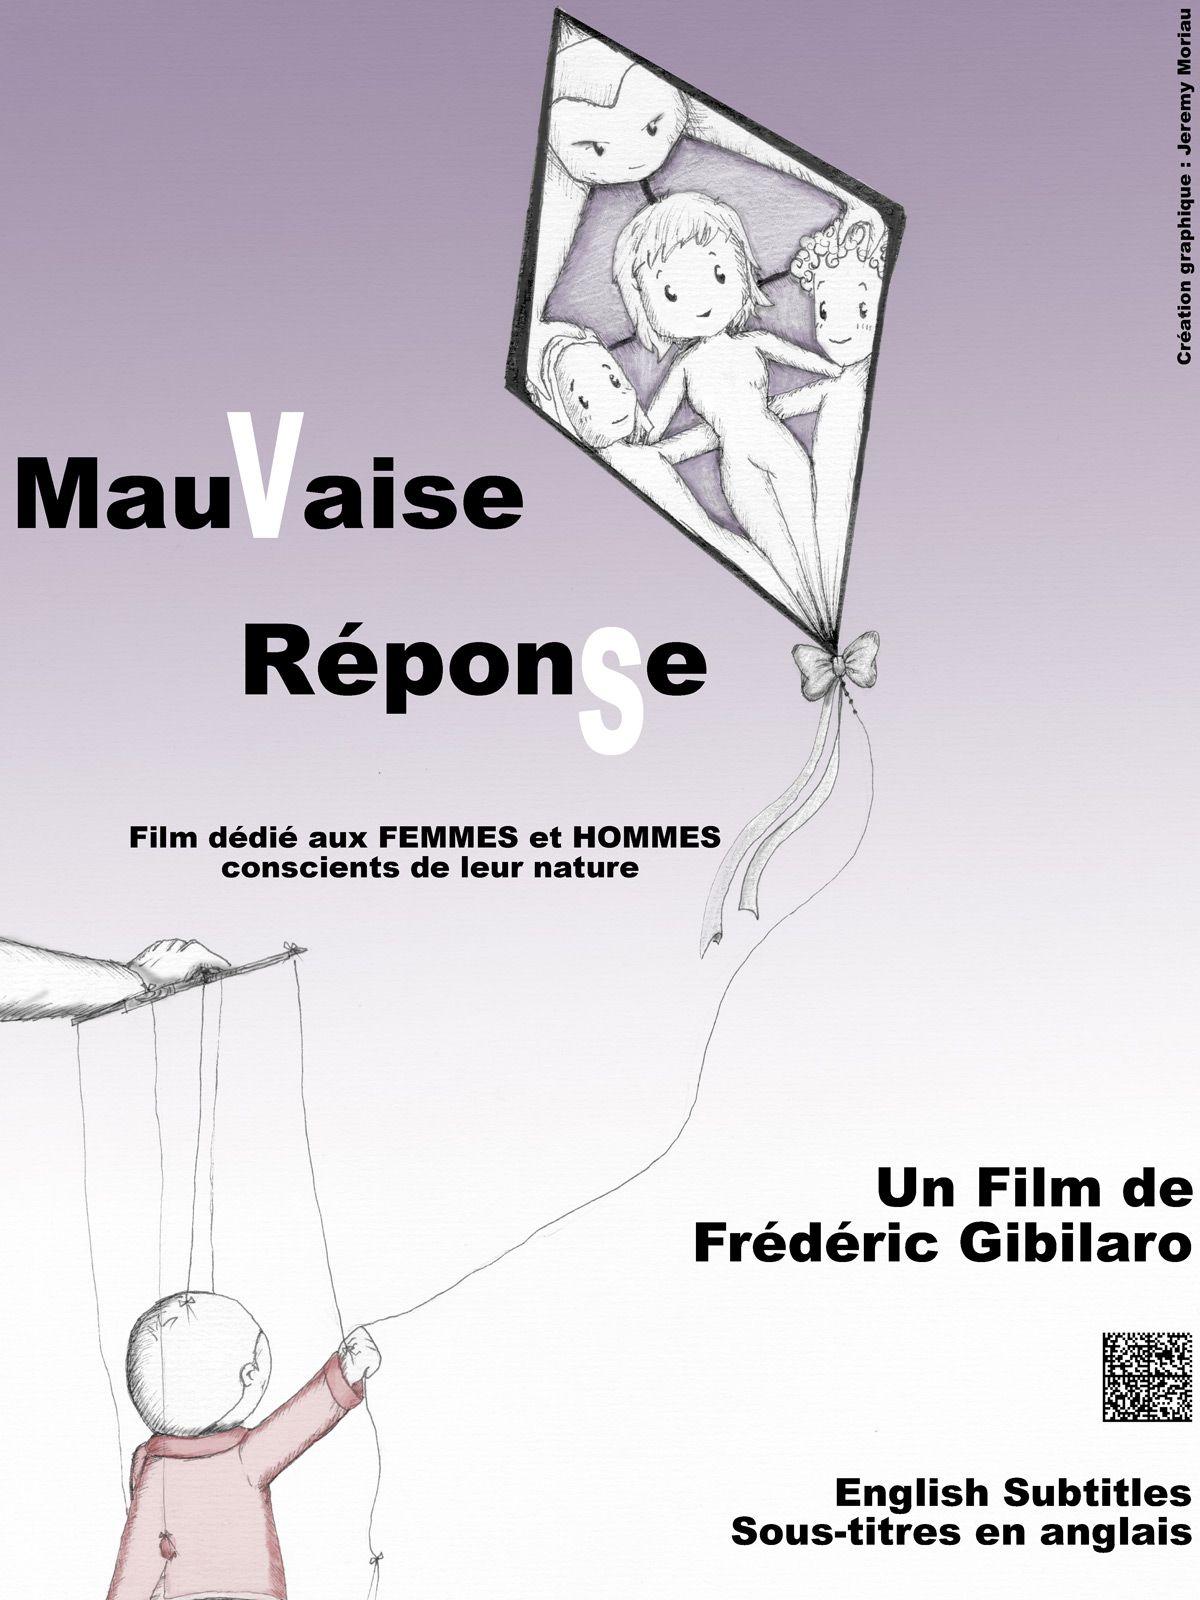 Mauvaise réponse - Film (2010)